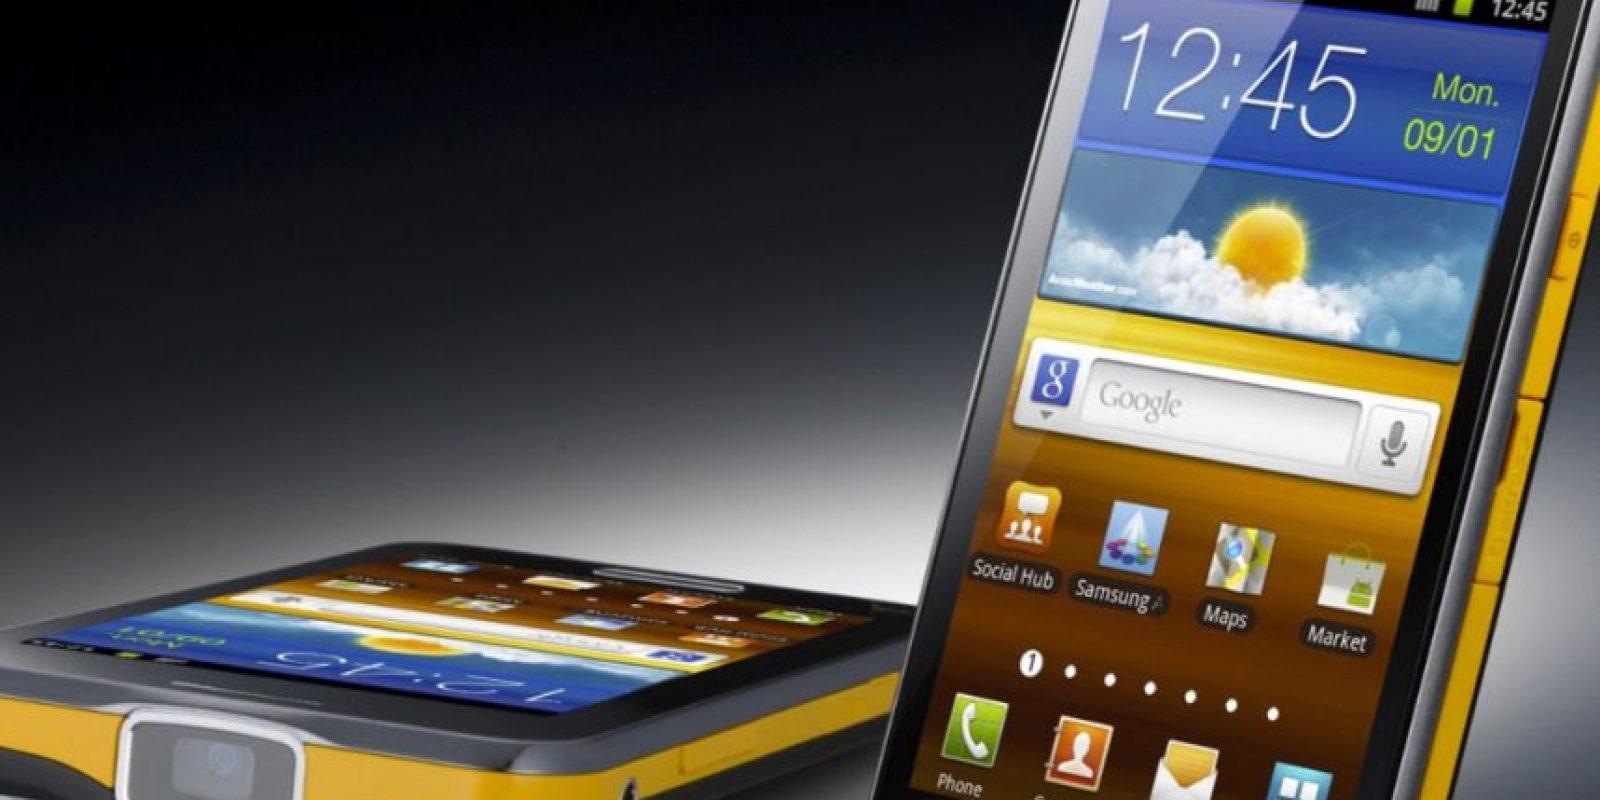 Samsung Galaxy Beam. Sobre todo el diseño y la inclusión de un proyector inútil, hicieron de este gadget un fracaso. Foto:Samsung